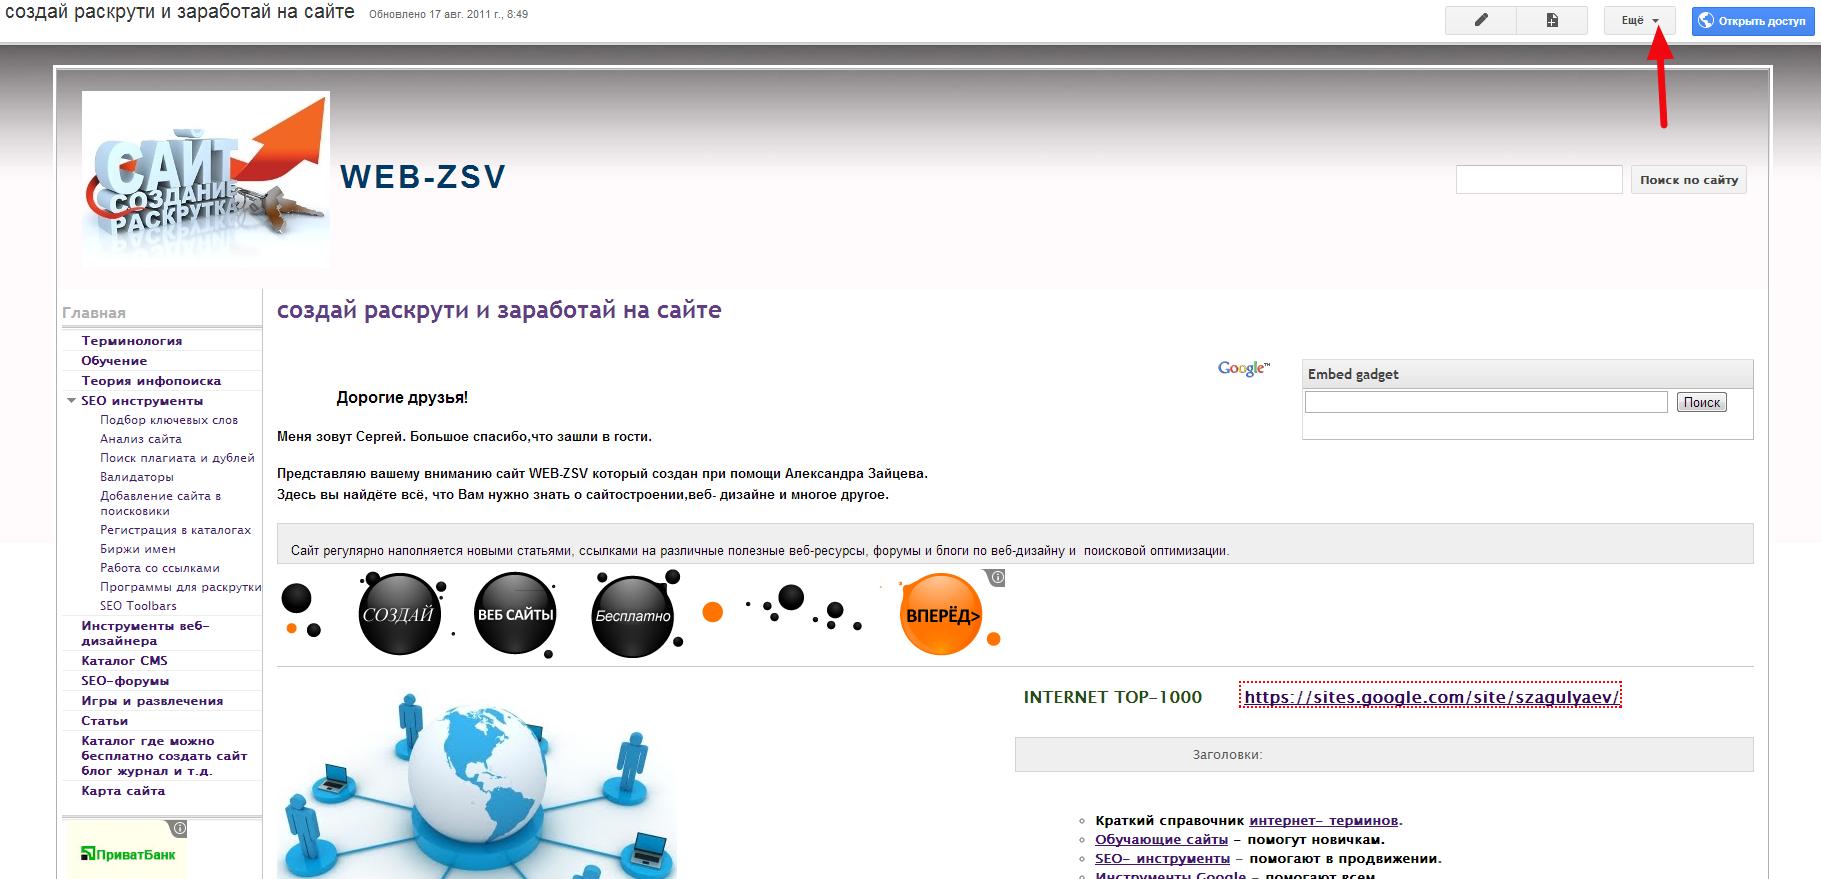 Бесплатный хостинг с прямой ссылкой как сделать дубликат сайта если забыт пароль